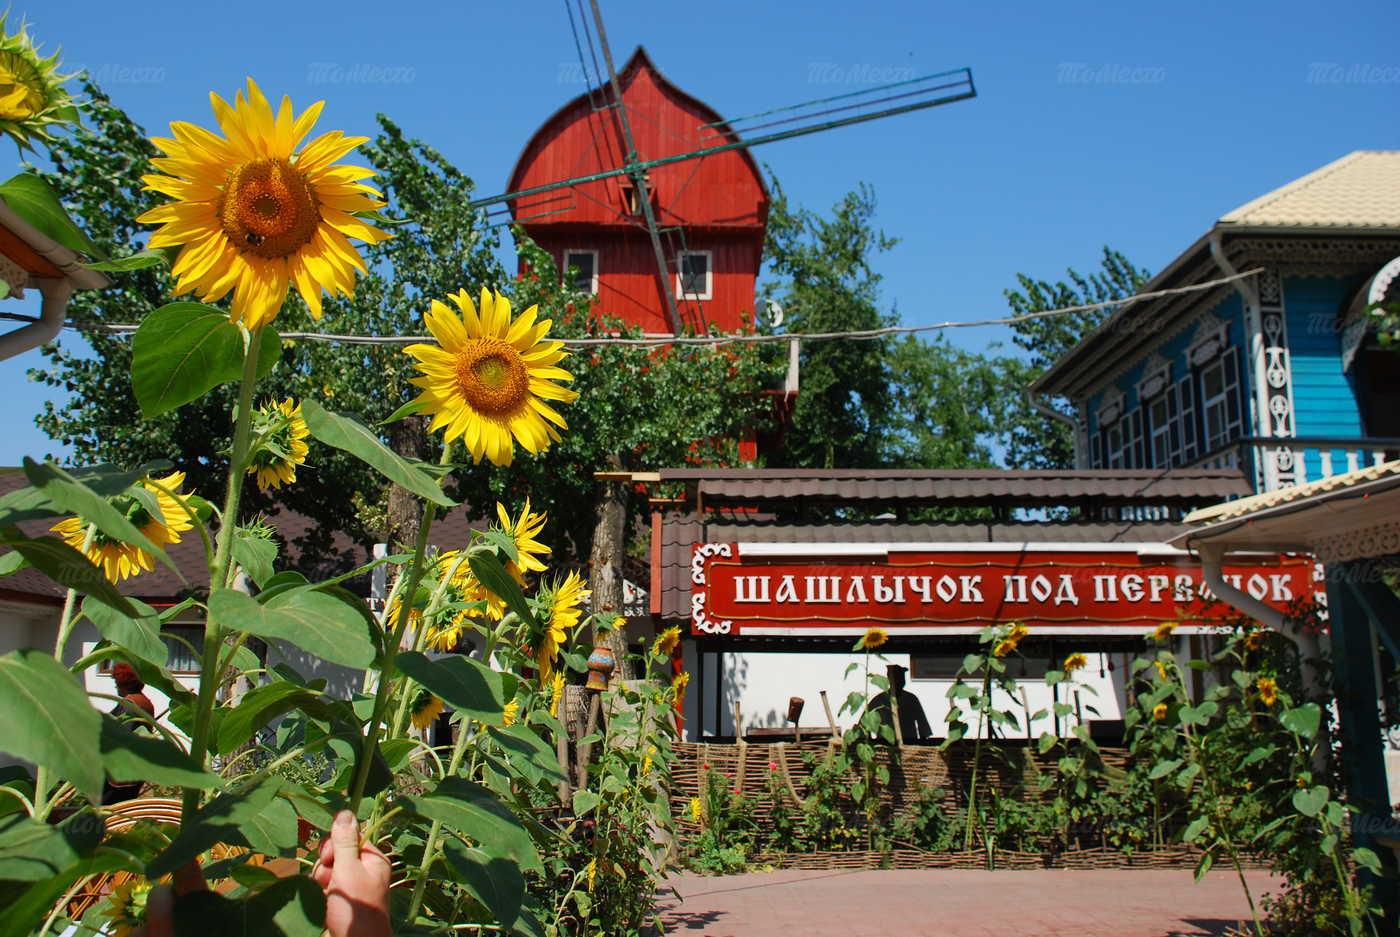 Меню бара, ресторана Станица Черкасская на Левобережной улице